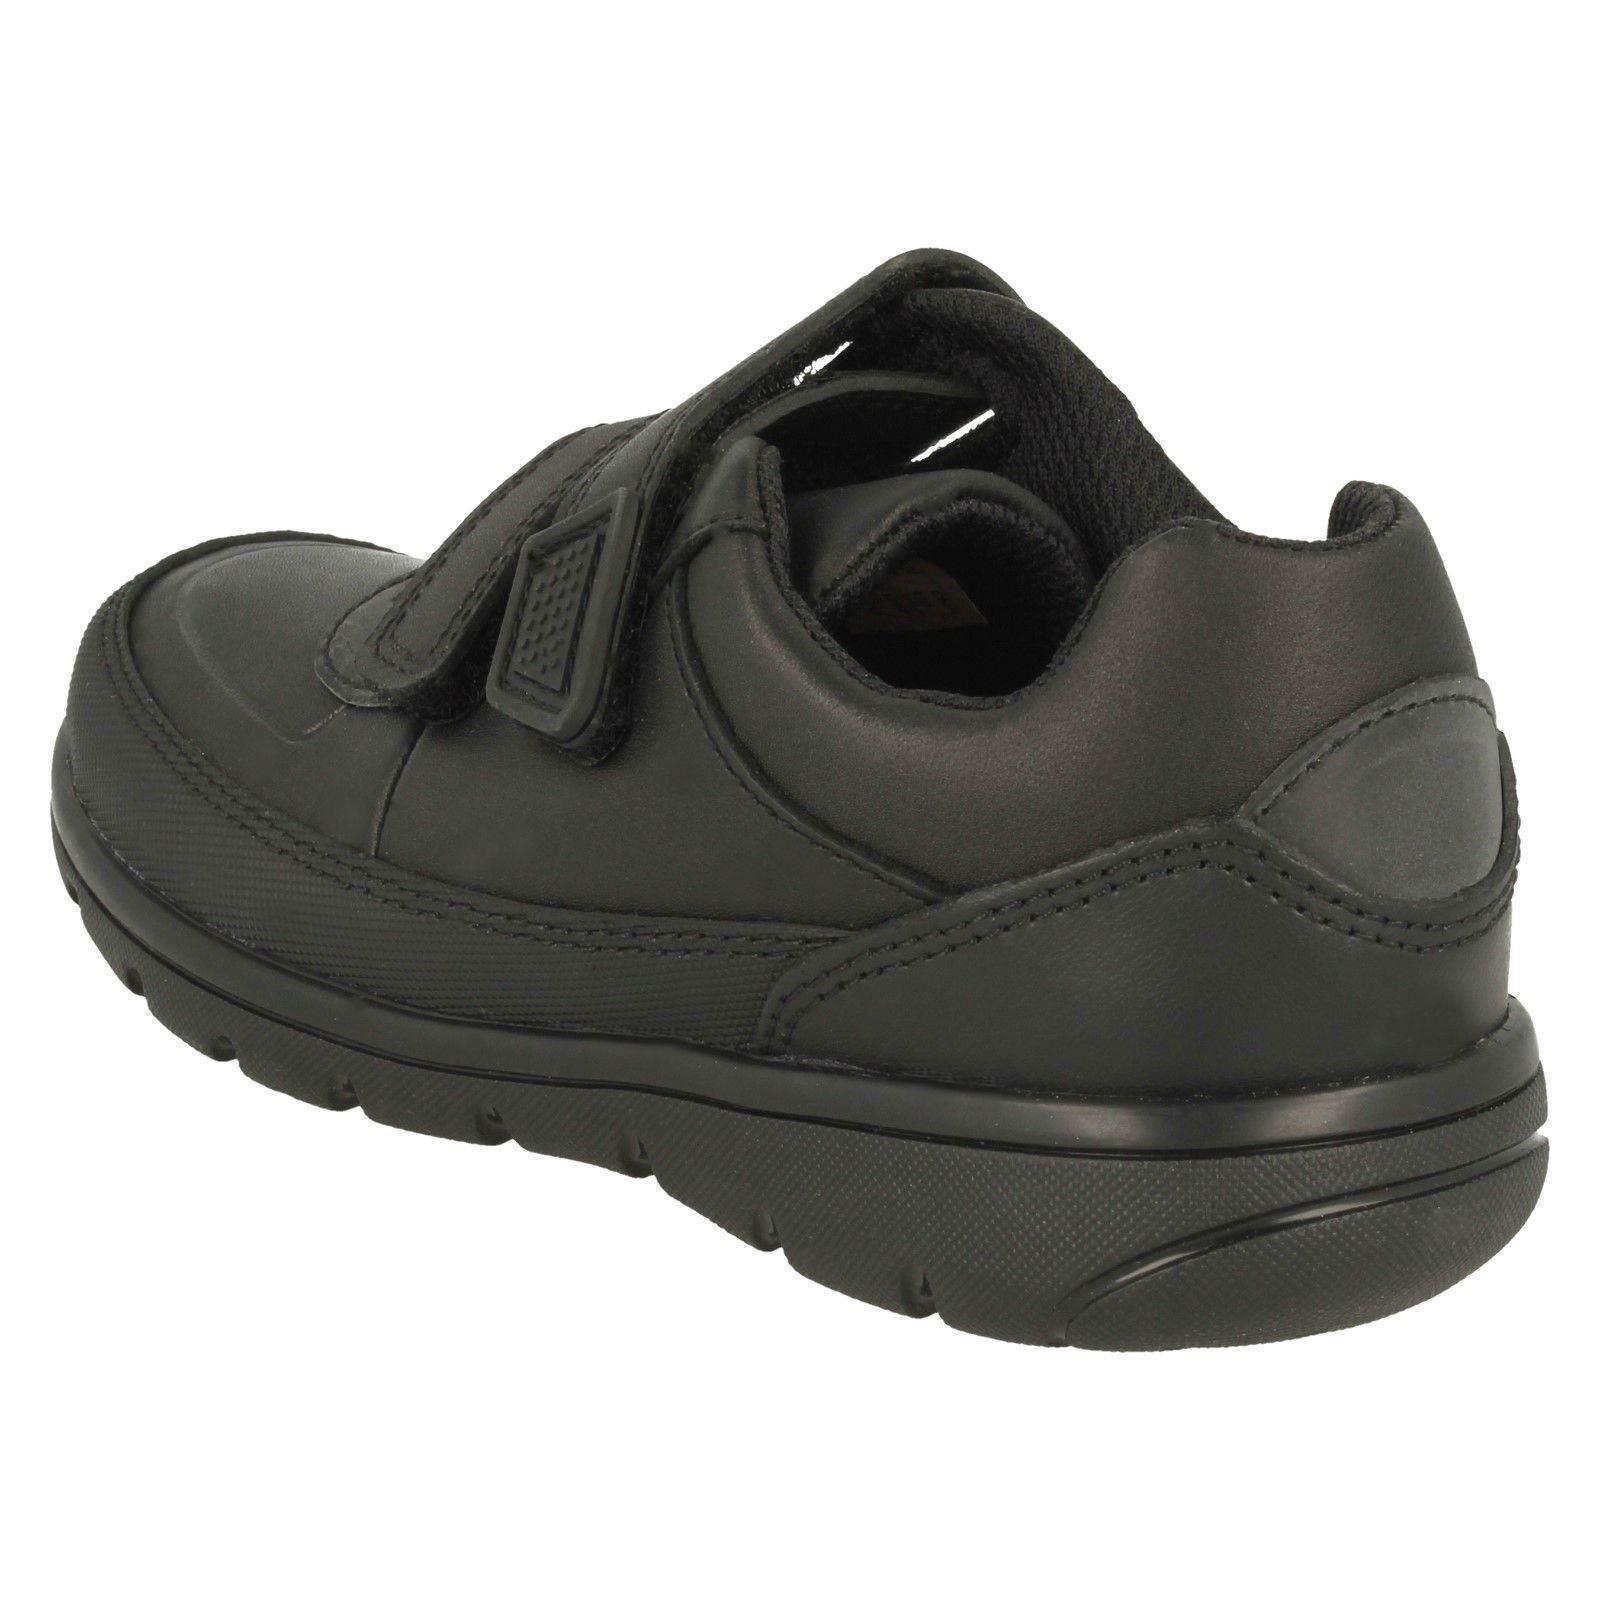 para cuero escolares Walk' gancho niños Zapatos negro de y Clarks punta redondeada con 'venture wzBcEq